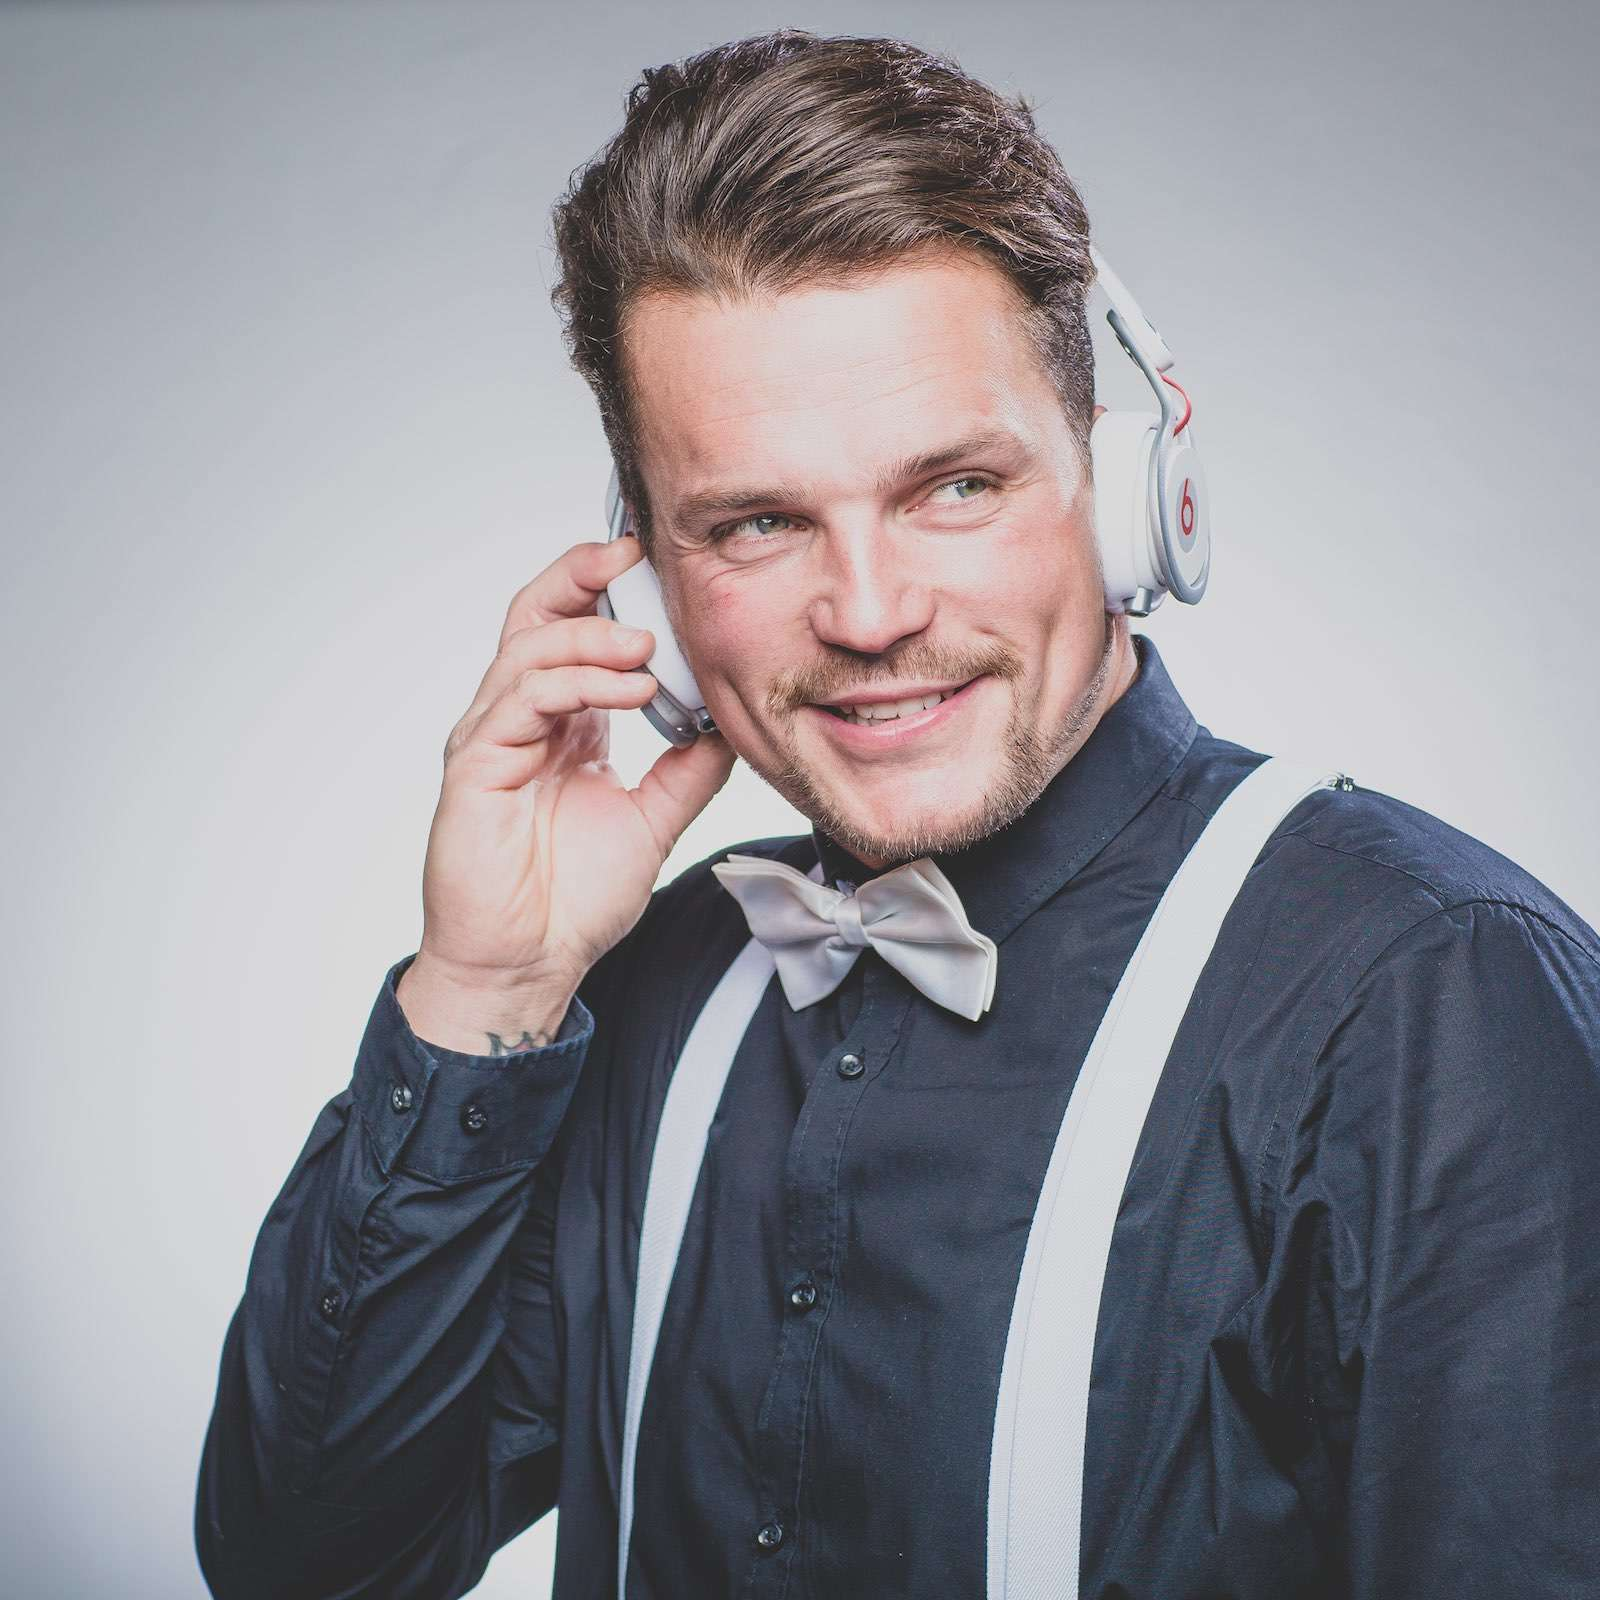 Hochzeits | DJ | Hannover | Mieten | DJ | Hannover | Marco | Kern | DJ | Hochzeit | Messe | DJ | Event | DJ | Geburtstag | DJ | Betriebsfeier | DJ | Buchen | Discjockey | Mieten | DJ | Agentur | Lehmann | Eventservice